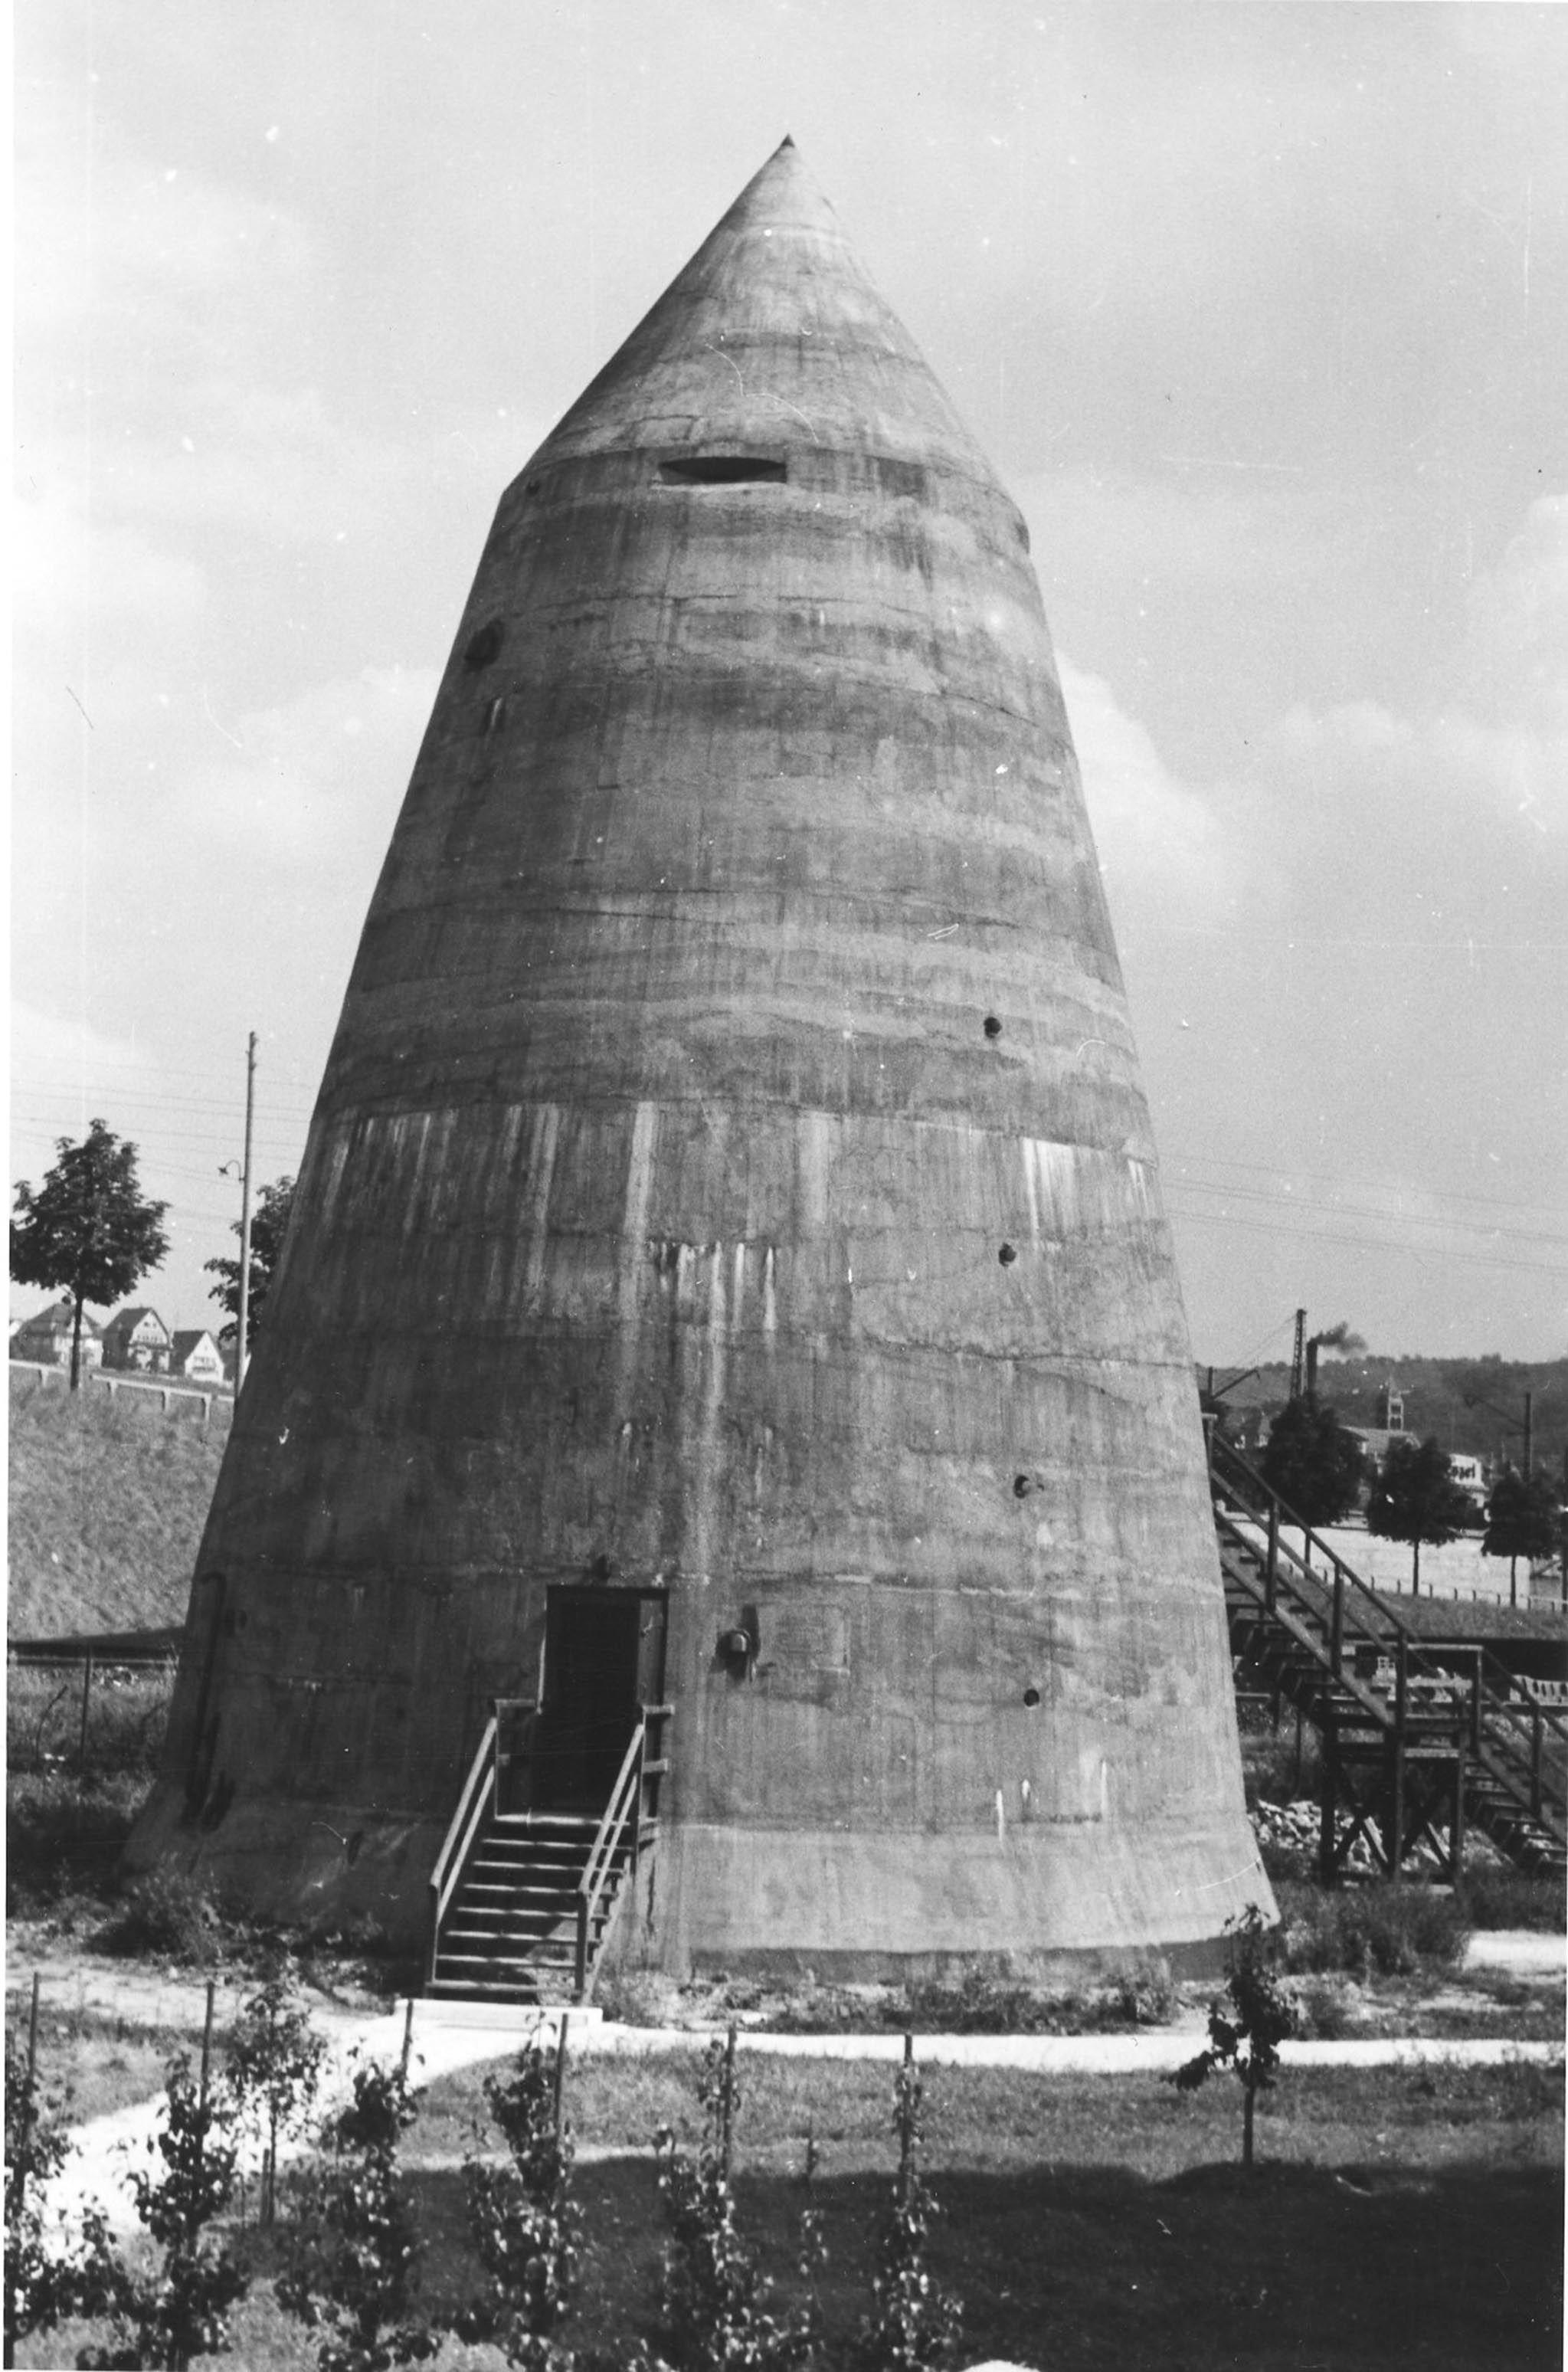 Der Winkelturm 1938 mit Beobachtungsschlitzen. Turm